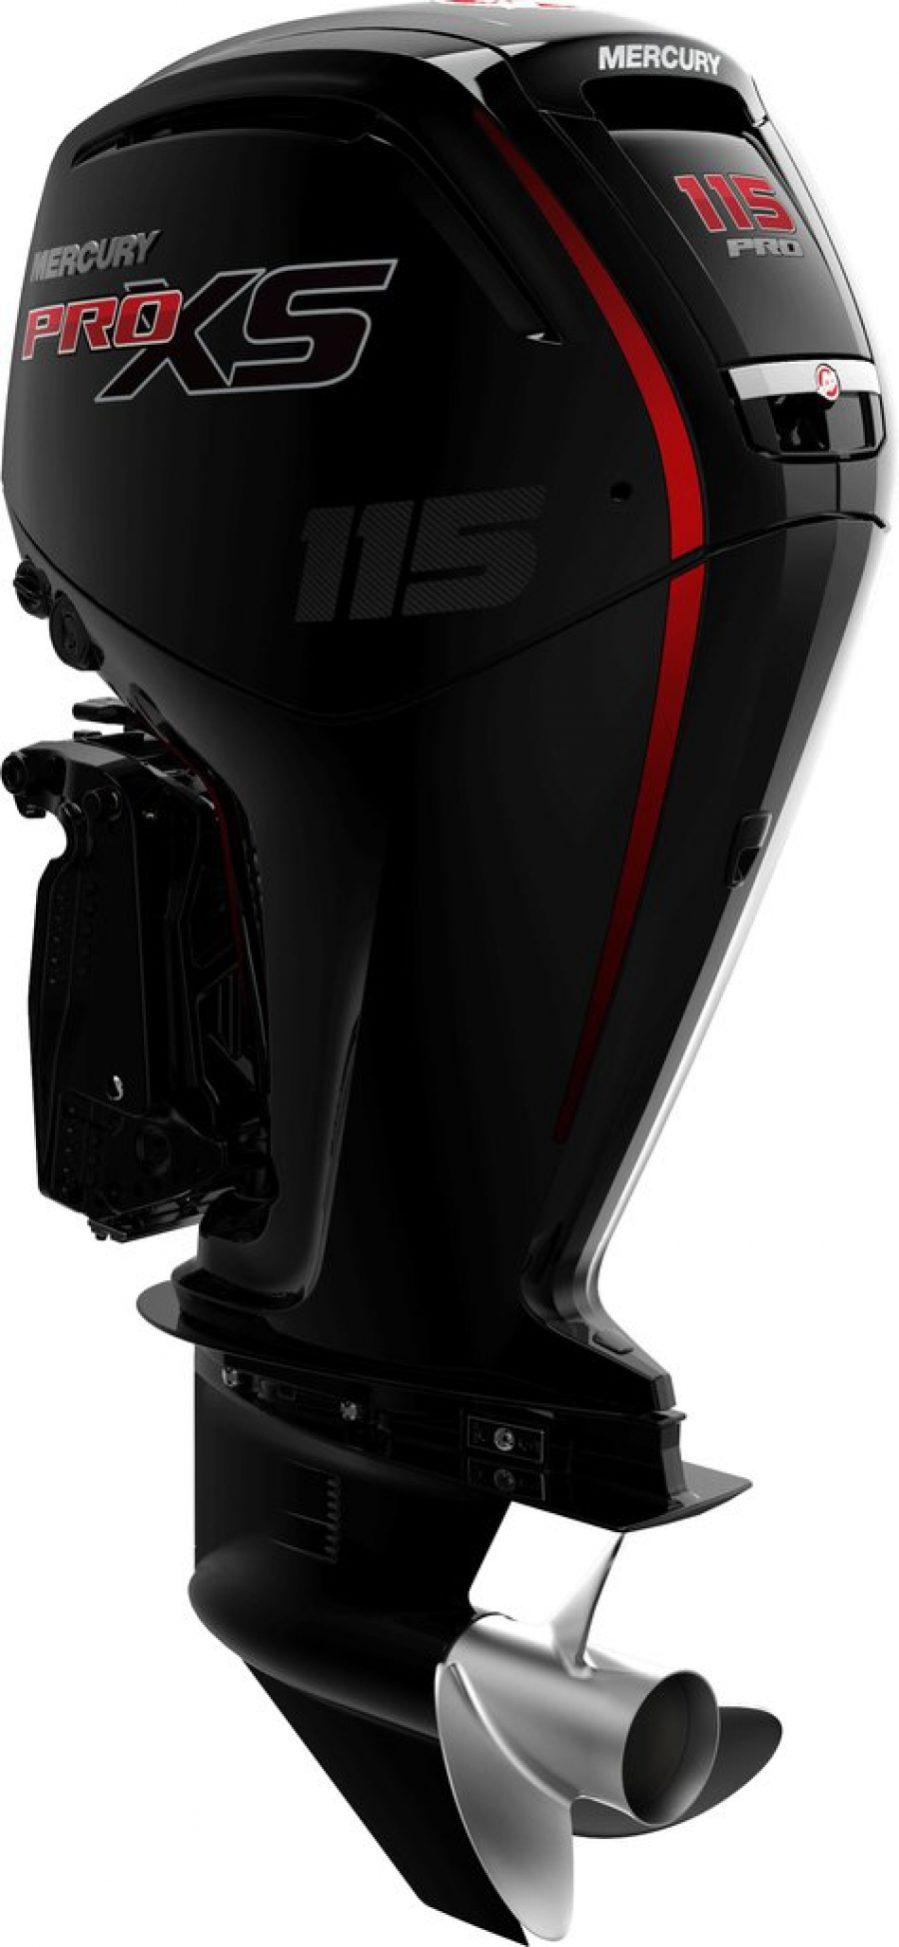 F115XL Pro XS